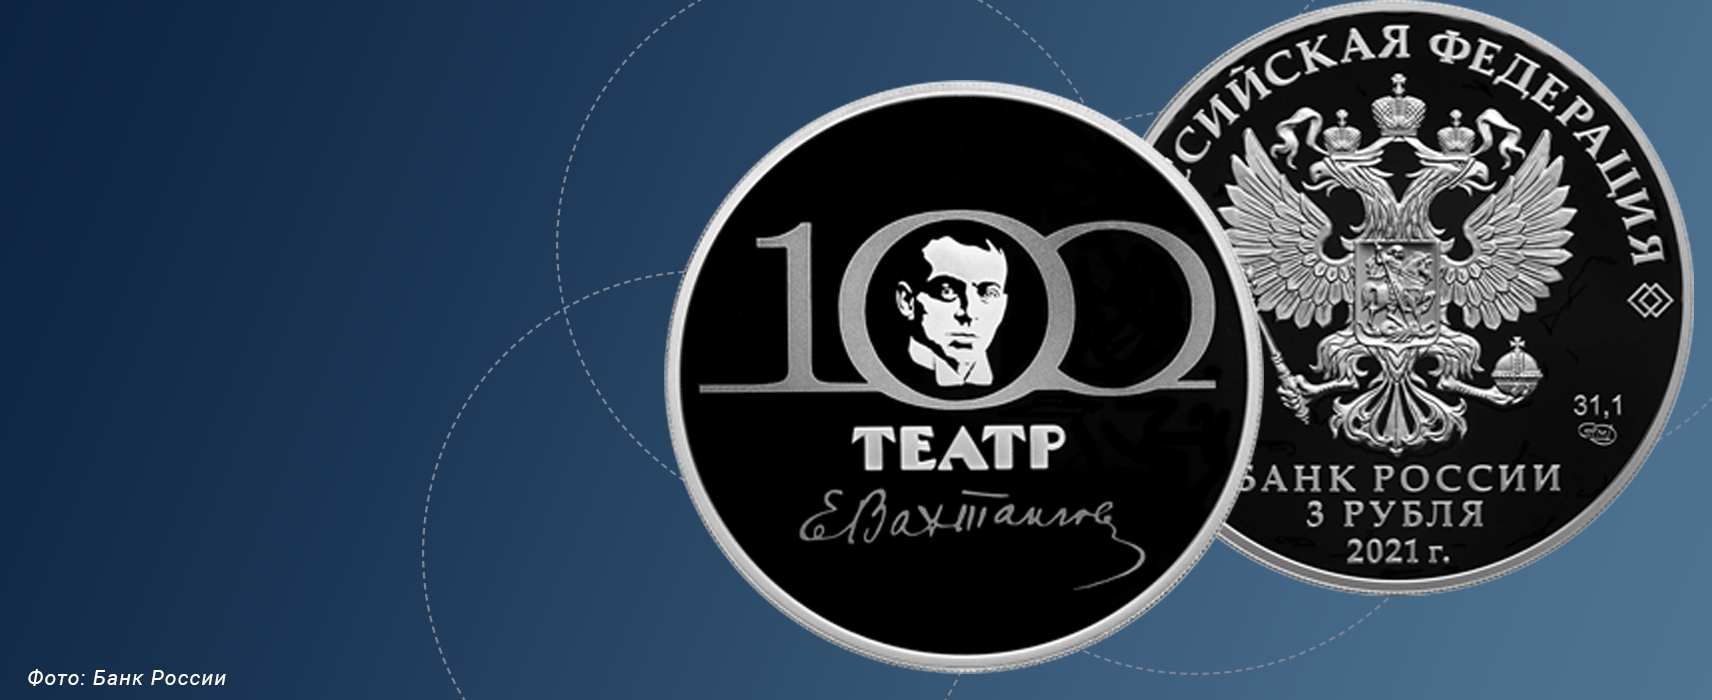 Банк России выпускает монету в честь юбилея Вахтанговского театра